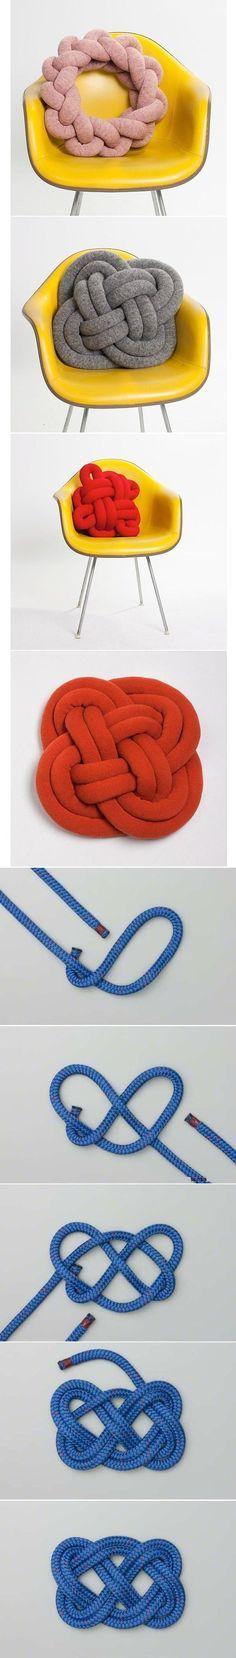 DIY Knot Pillow                                                                                                                                                                                 More